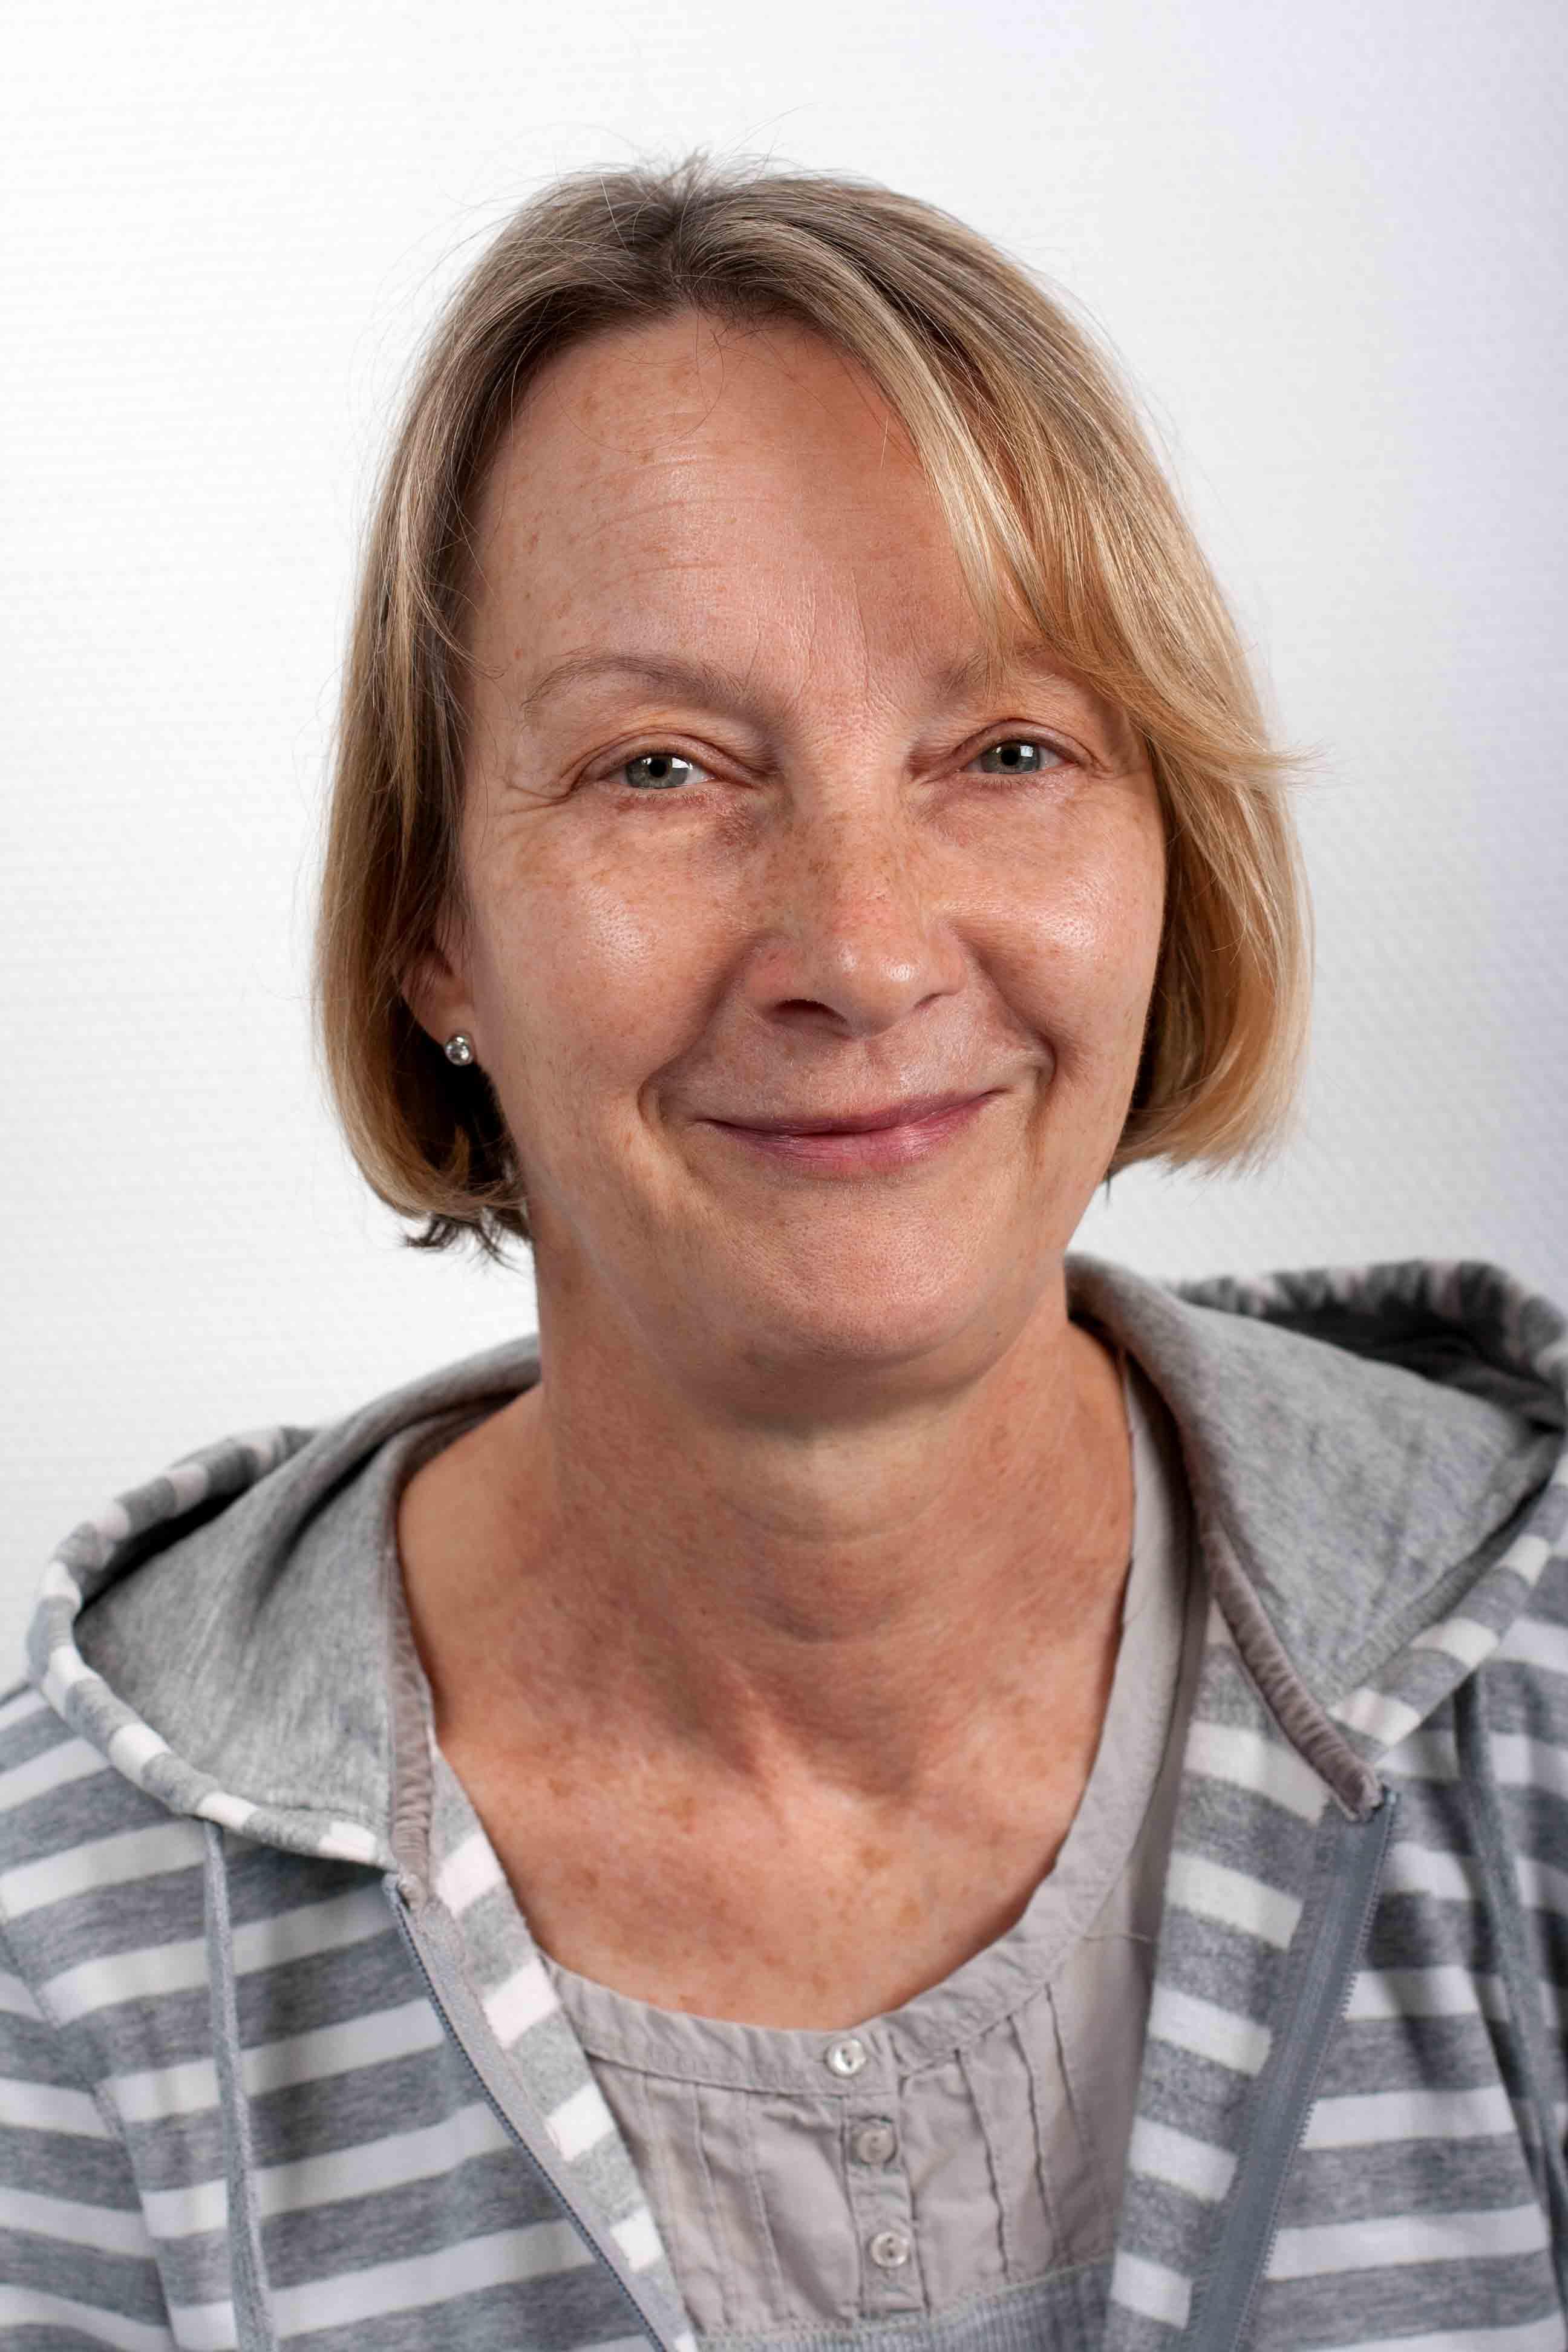 Brigitte Schick